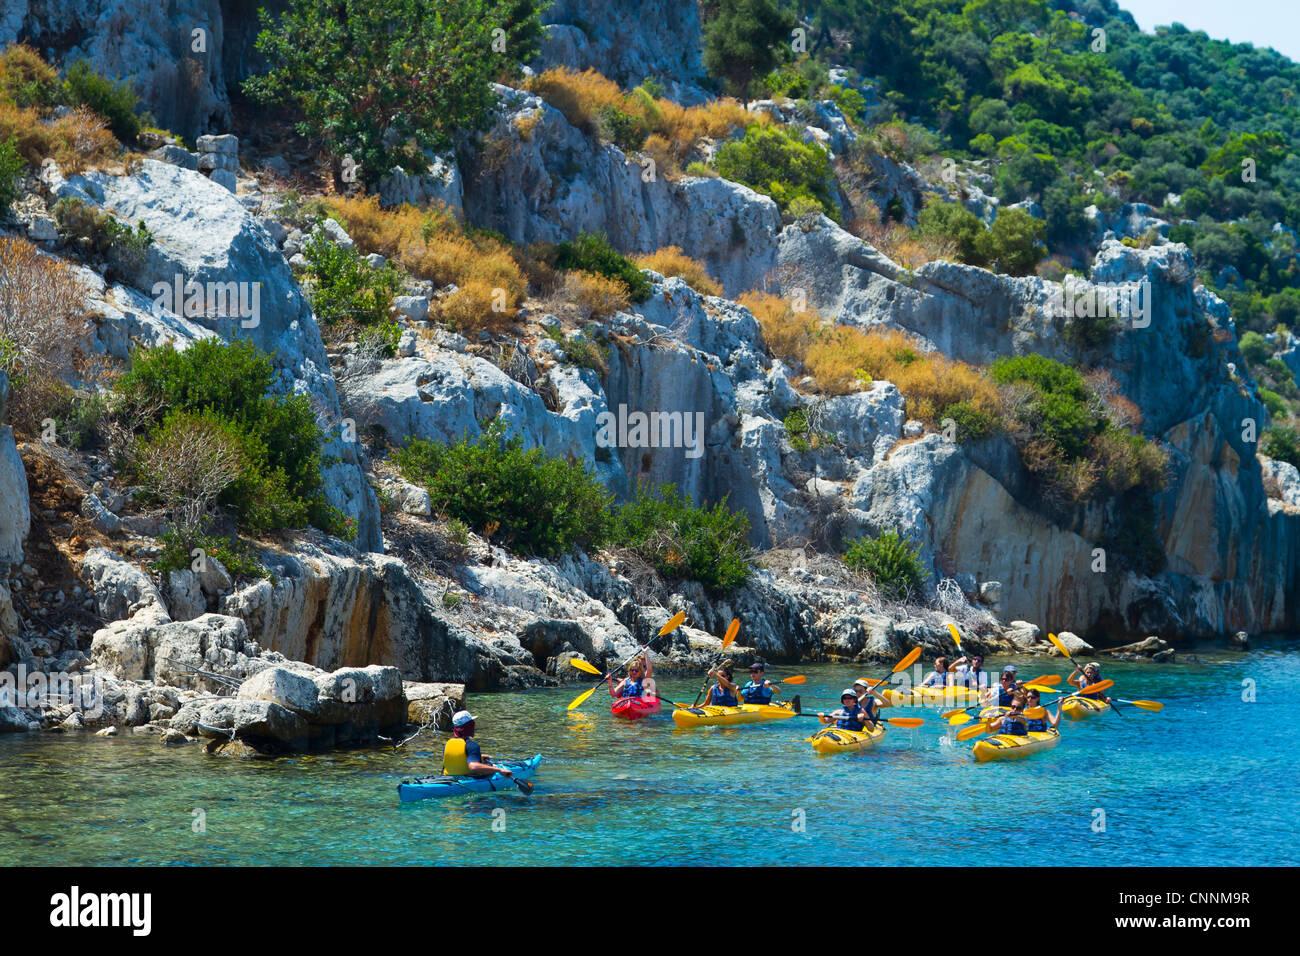 People and kayak. Kekova island. Antalya province. Mediterranean coast. Turkey. - Stock Image